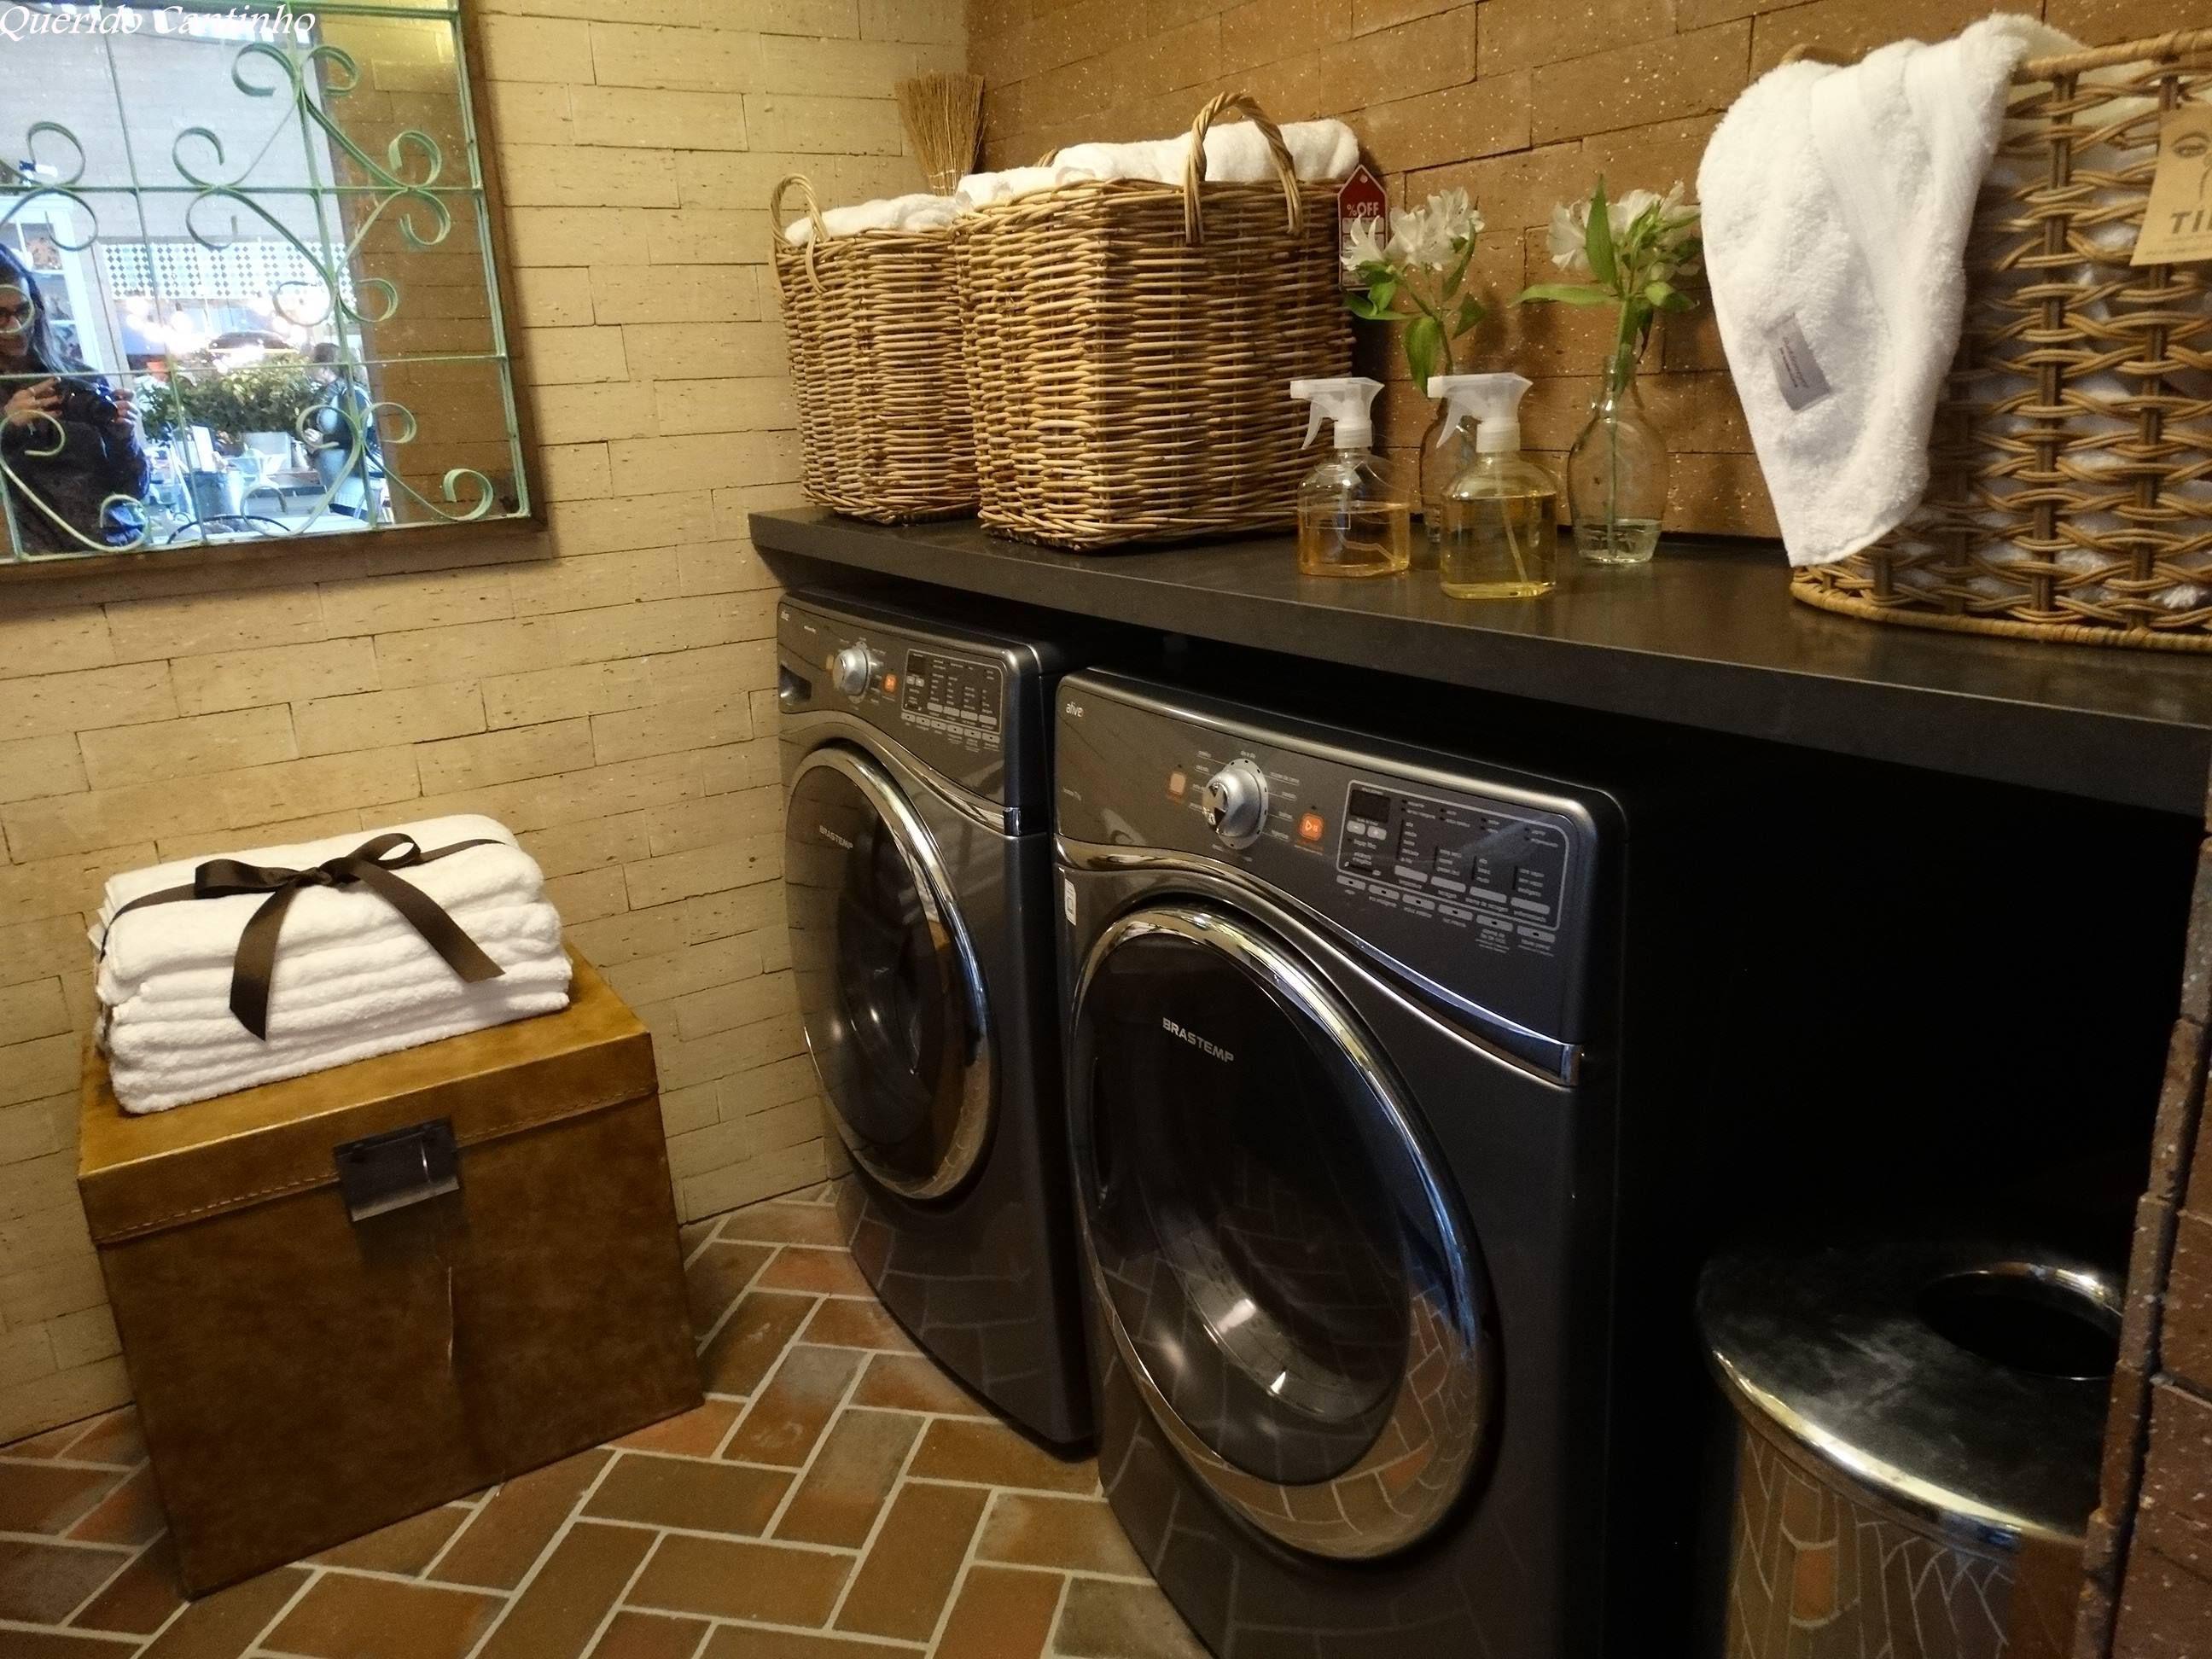 lavanderias pequenas - Pesquisa Google